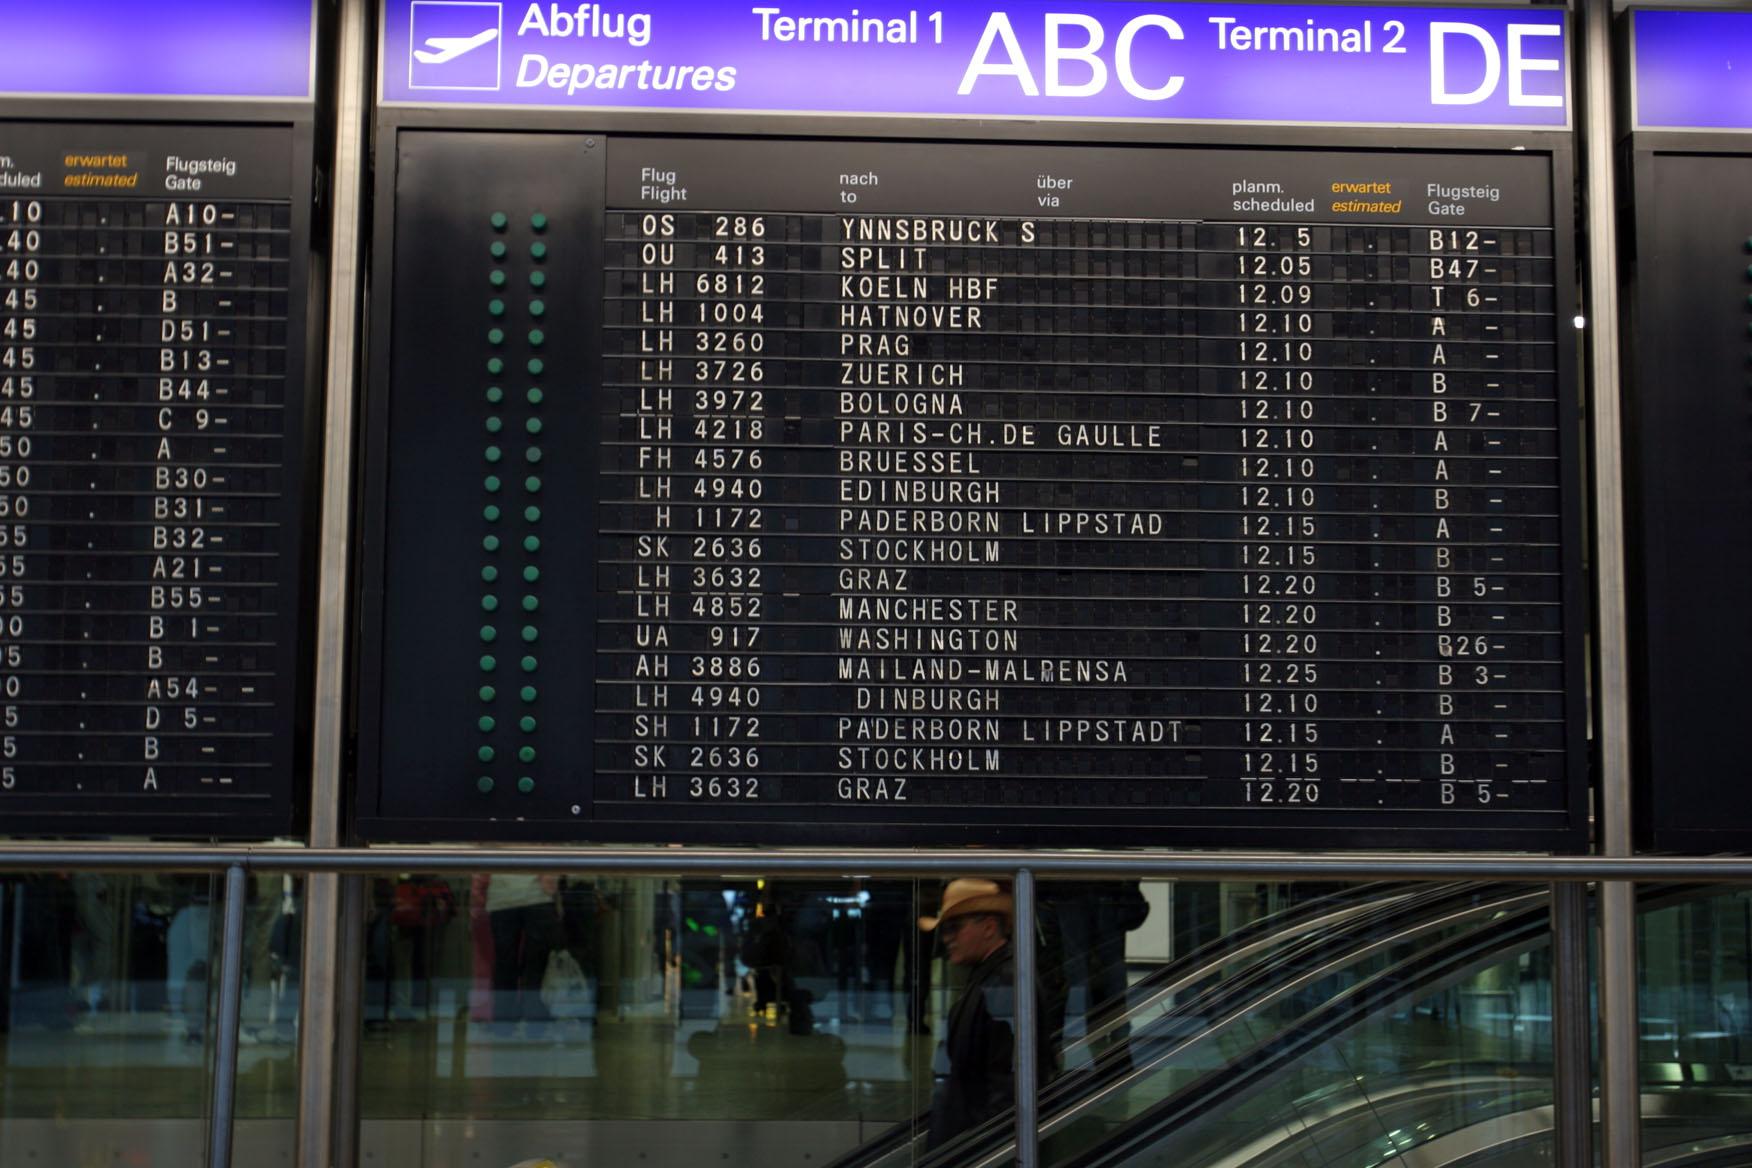 Airport Frankfurt Departures